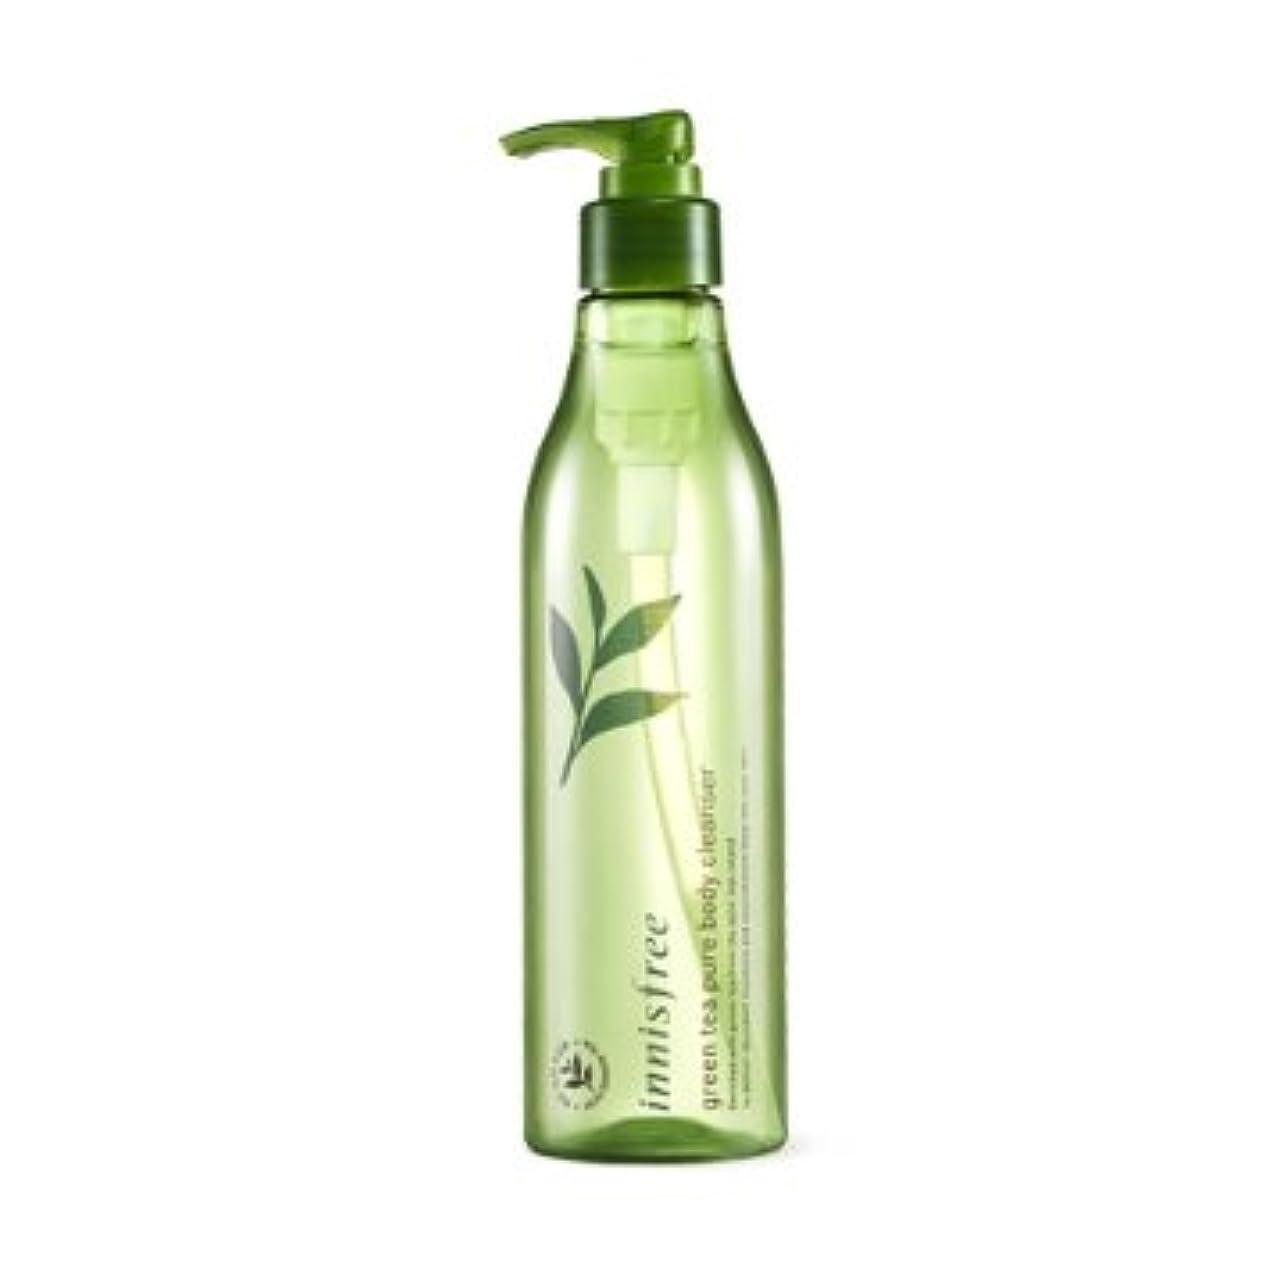 経営者心理的ゆりかご【イニスフリー】Innisfree green tea pure body cleanser - 300ml (韓国直送品) (SHOPPINGINSTAGRAM)